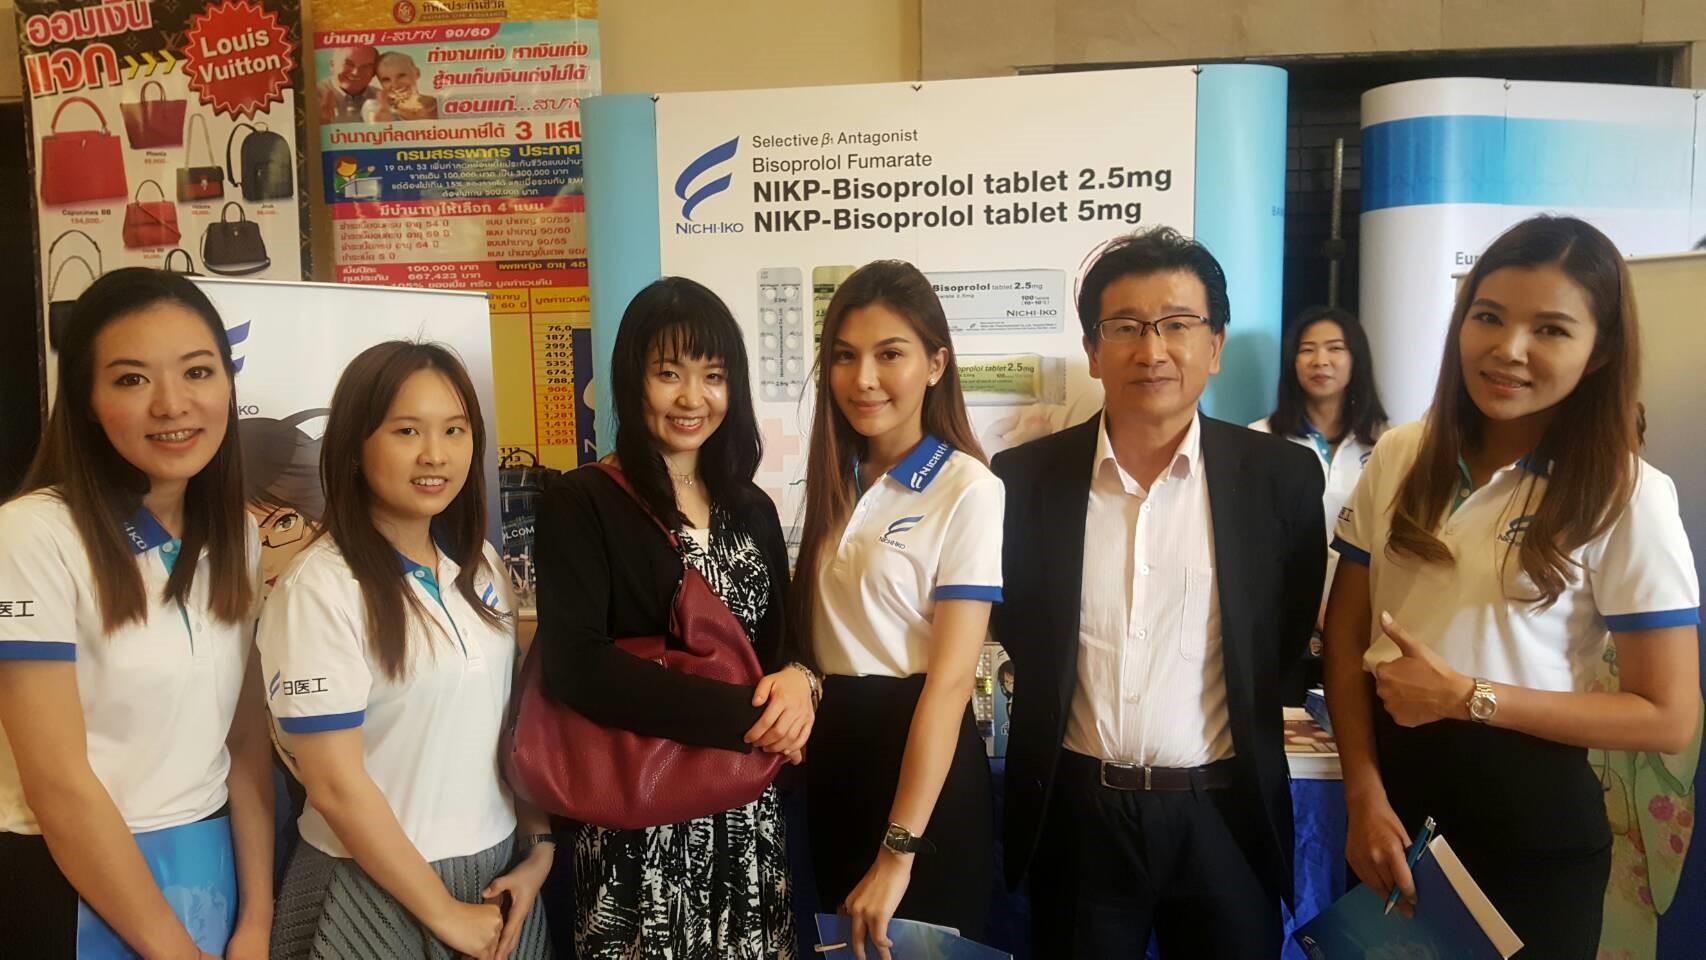 ออกบูทสมาคมแพทย์โรคหัวใจแห่งประเทศไทย 24-25 มีนาคม 2560